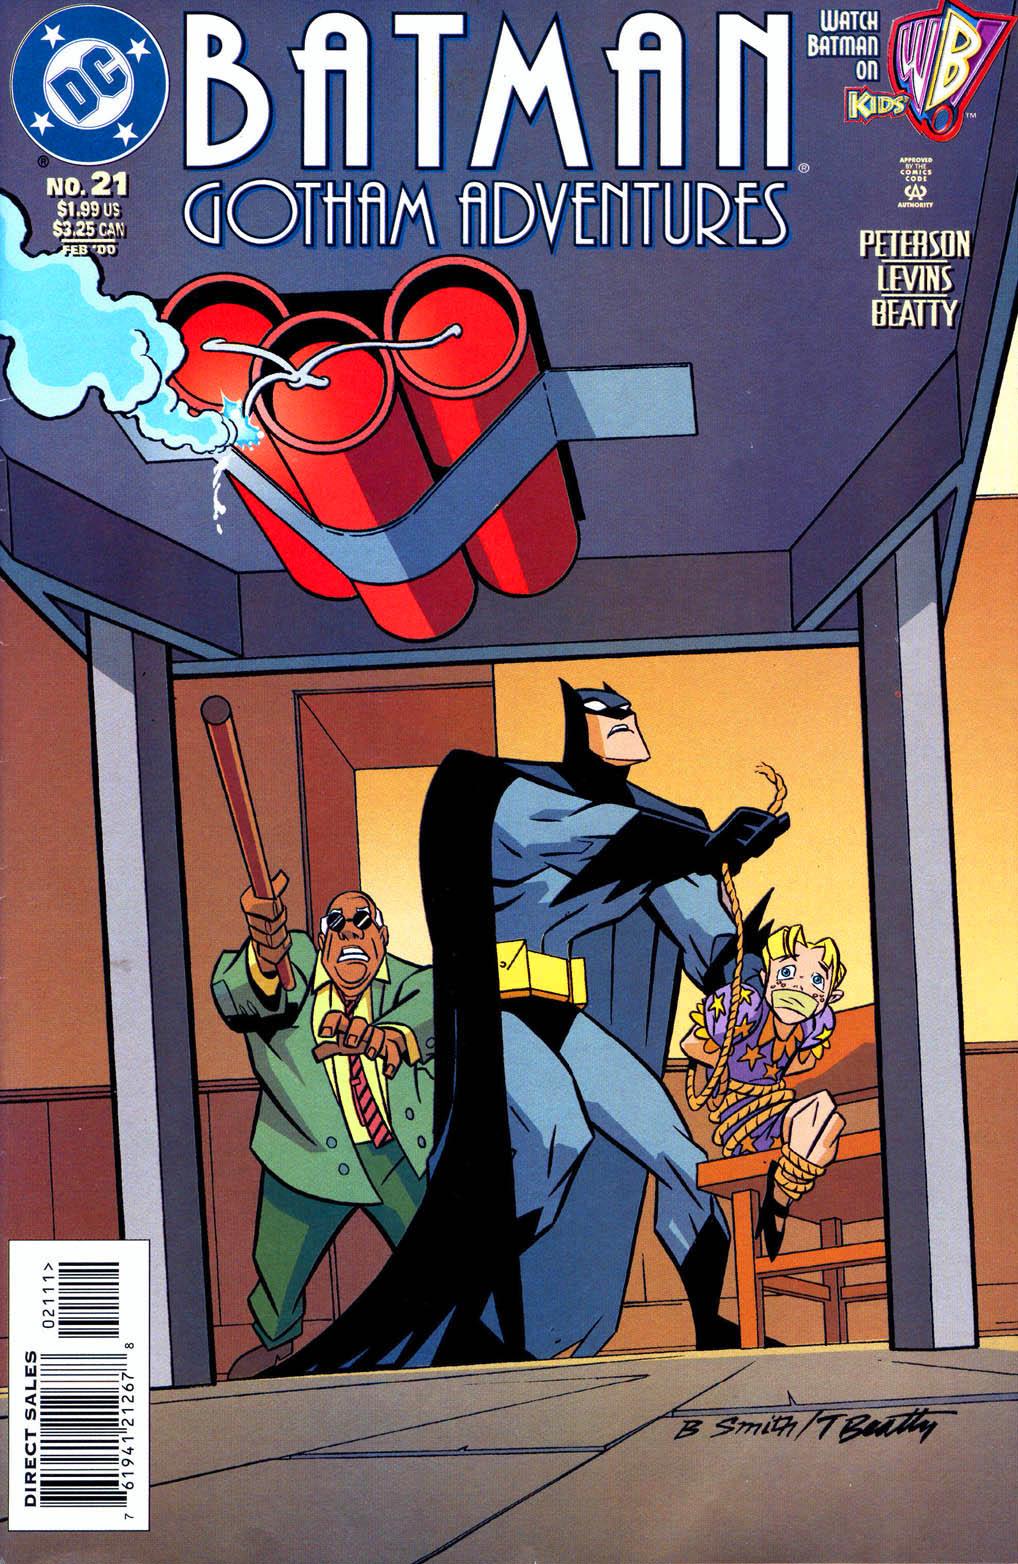 Batman: Gotham Adventures issue 21 - Page 1